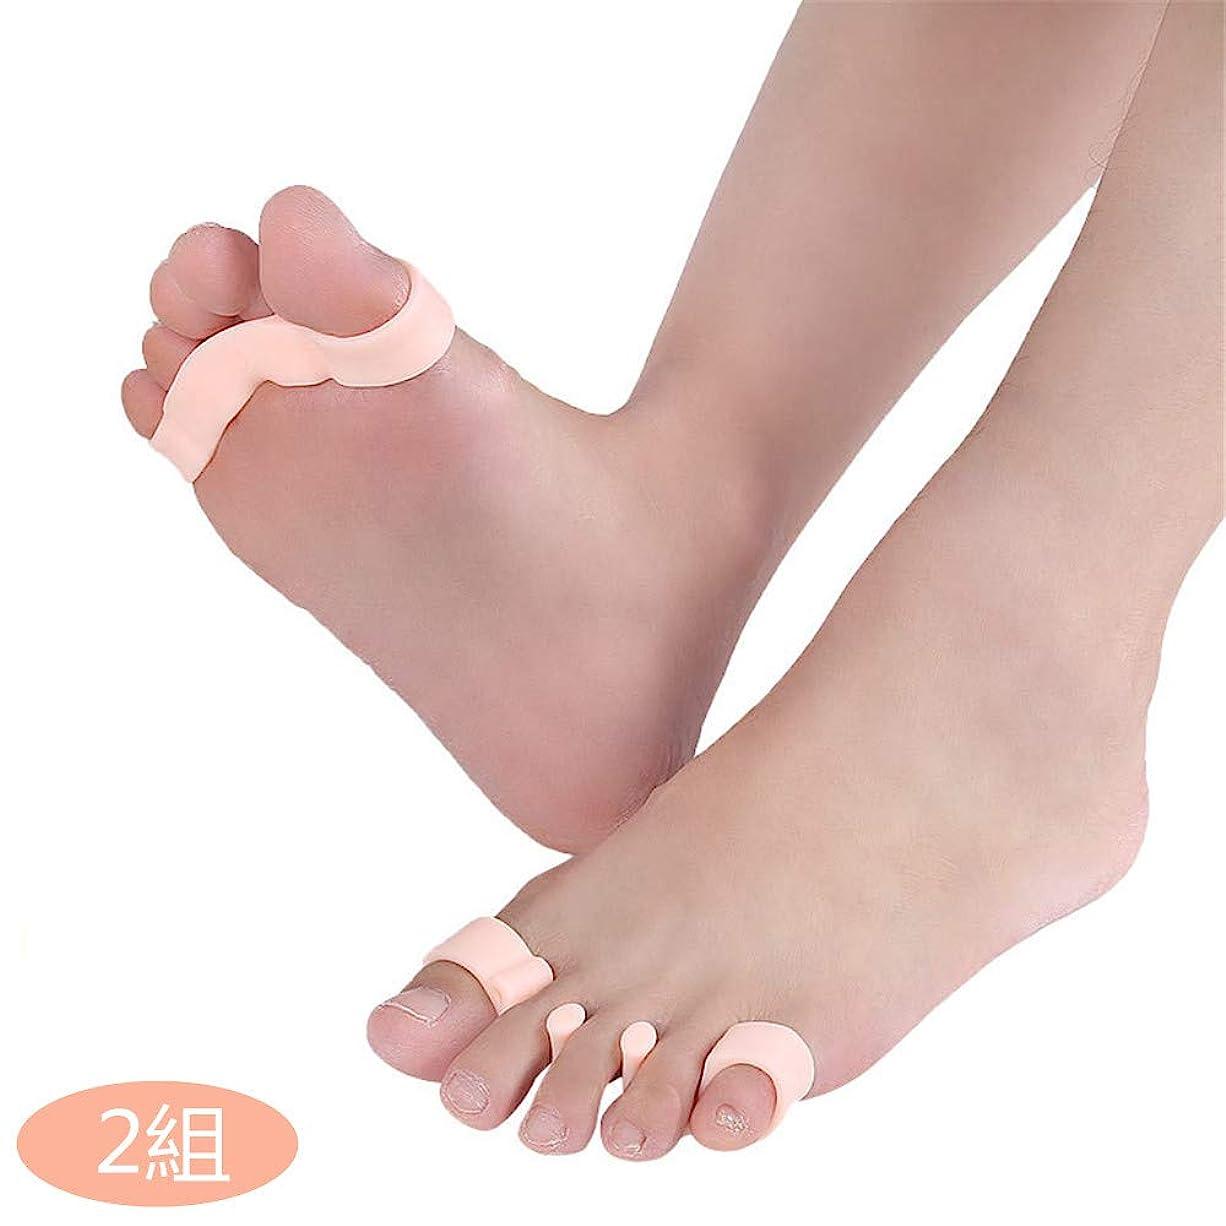 放置に対応する登る外反母趾 内反小趾 足指セパレーター 足指サポート 小指対策 足指分離矯正 シリコン 足指美人 男女適用(2組)